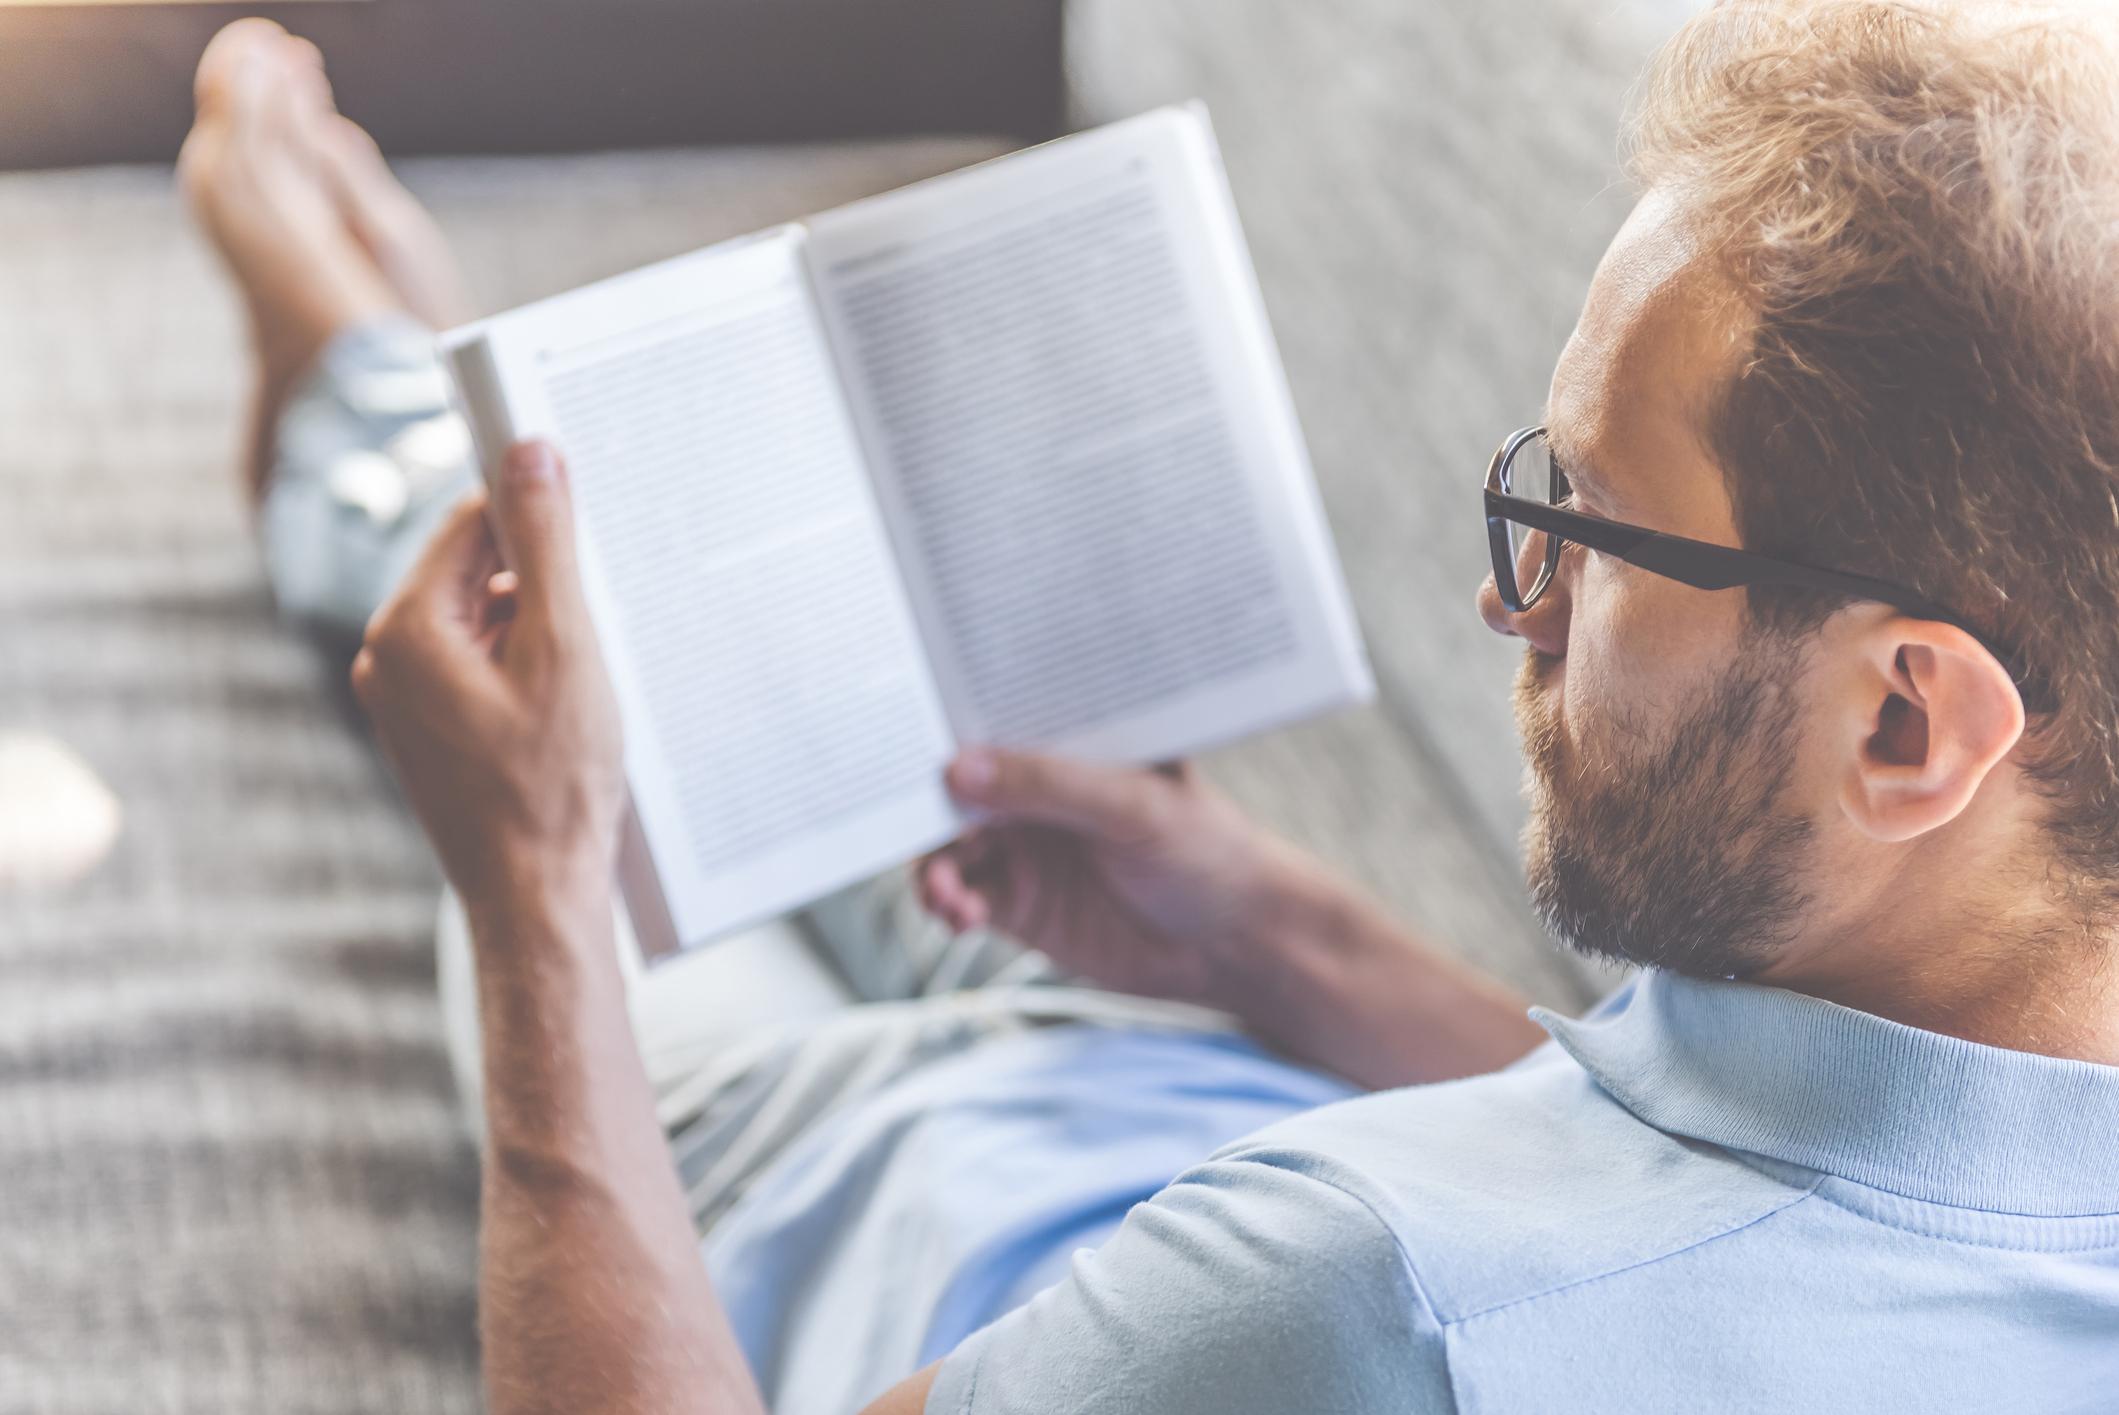 Използвайте почивните дни, за да научите повече.<br /> <br /> Просто е. Трябва да създадете навик да четете по един час, да спортувате или нещо друго, което може да ви обогати.